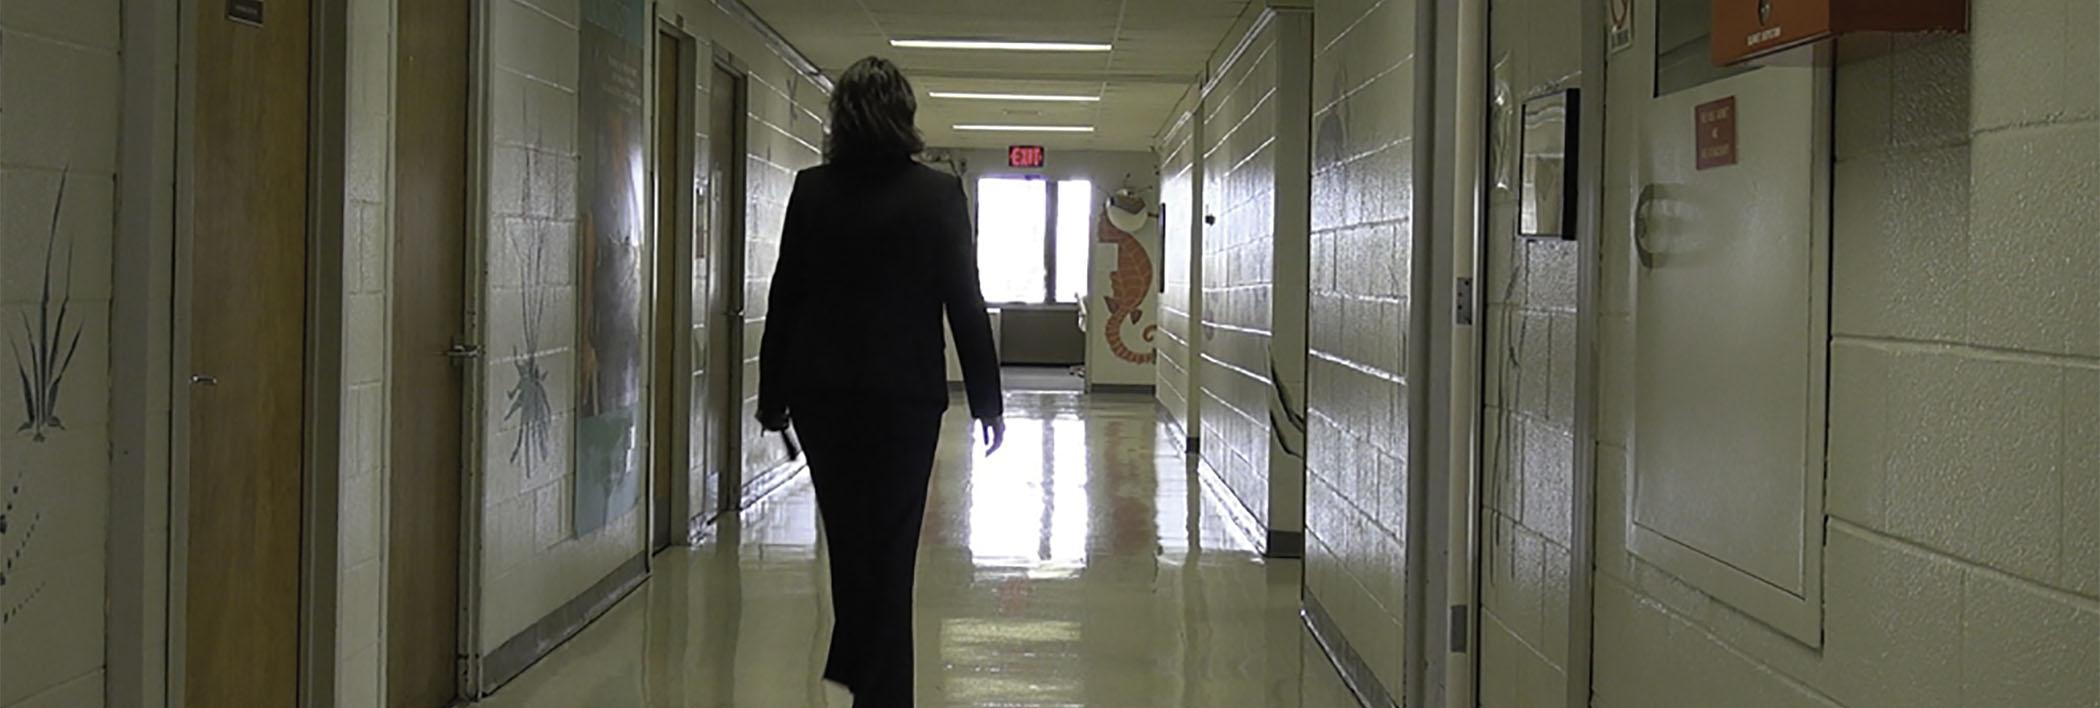 WIHD staff member walking down a hallway